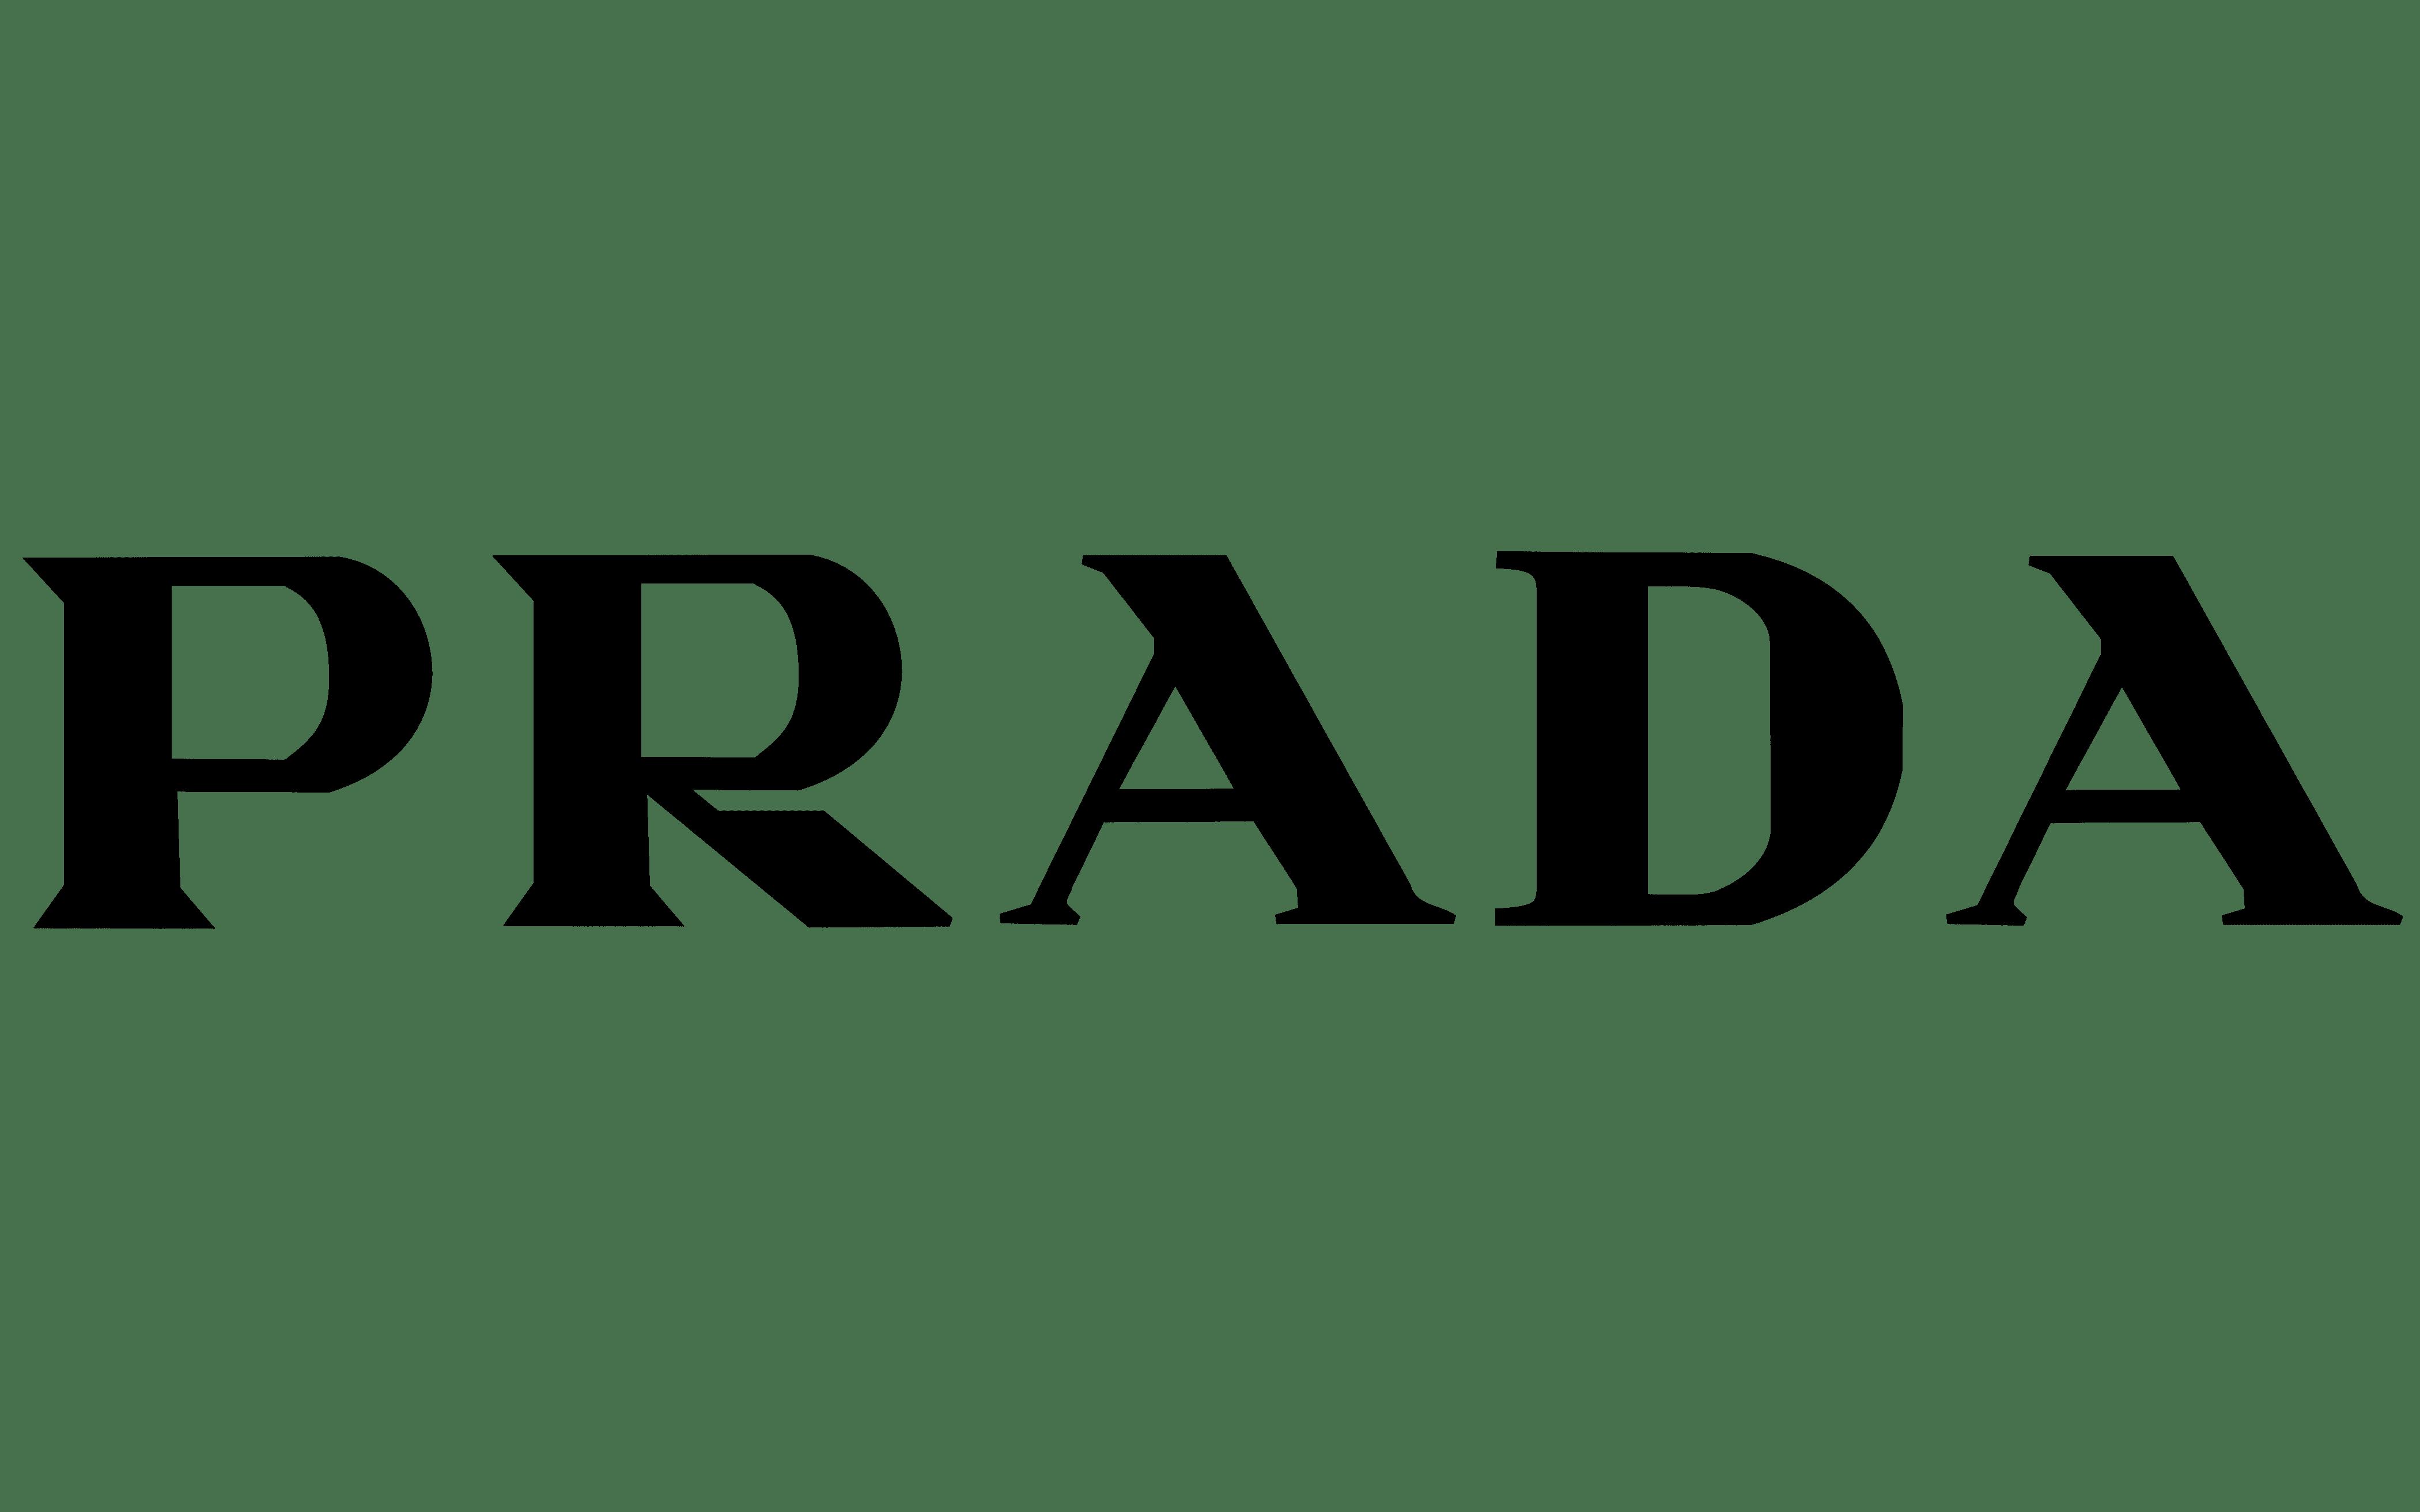 Prada Logo, Prada Symbol, Meaning, History and Evolution